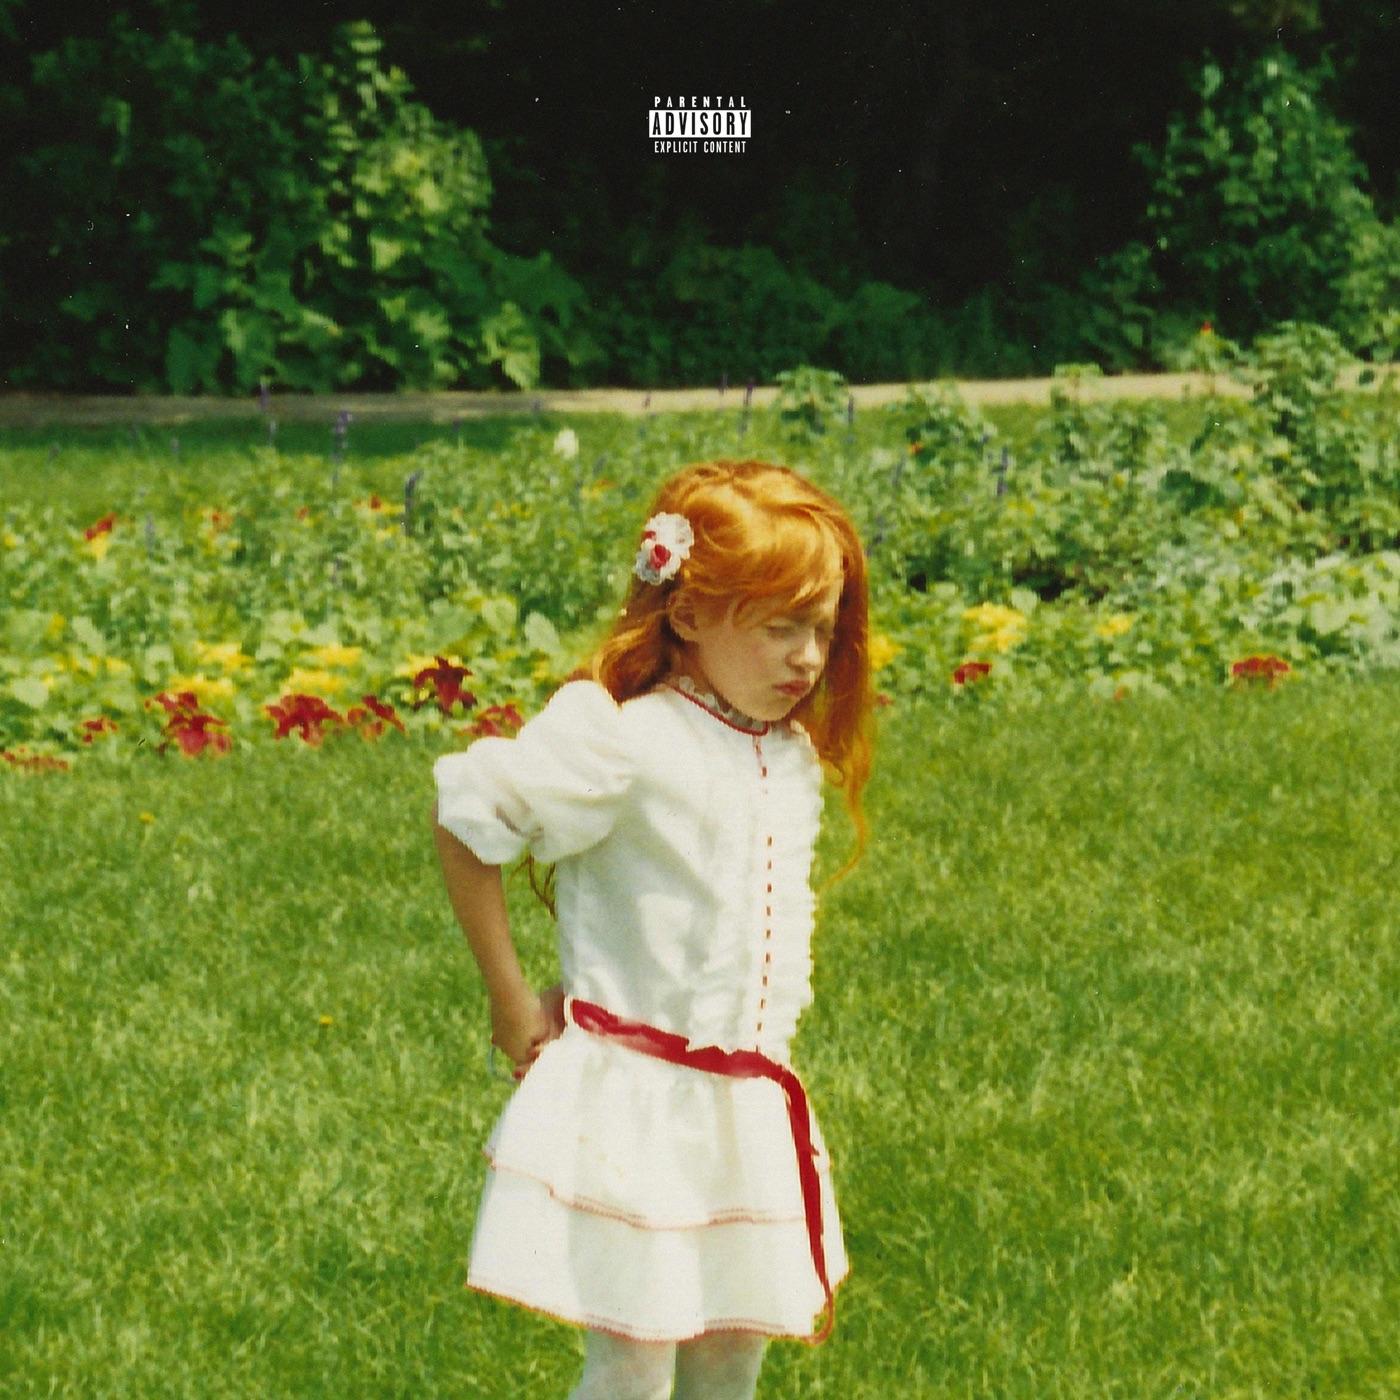 Rejjie Snow - Dear Annie Cover